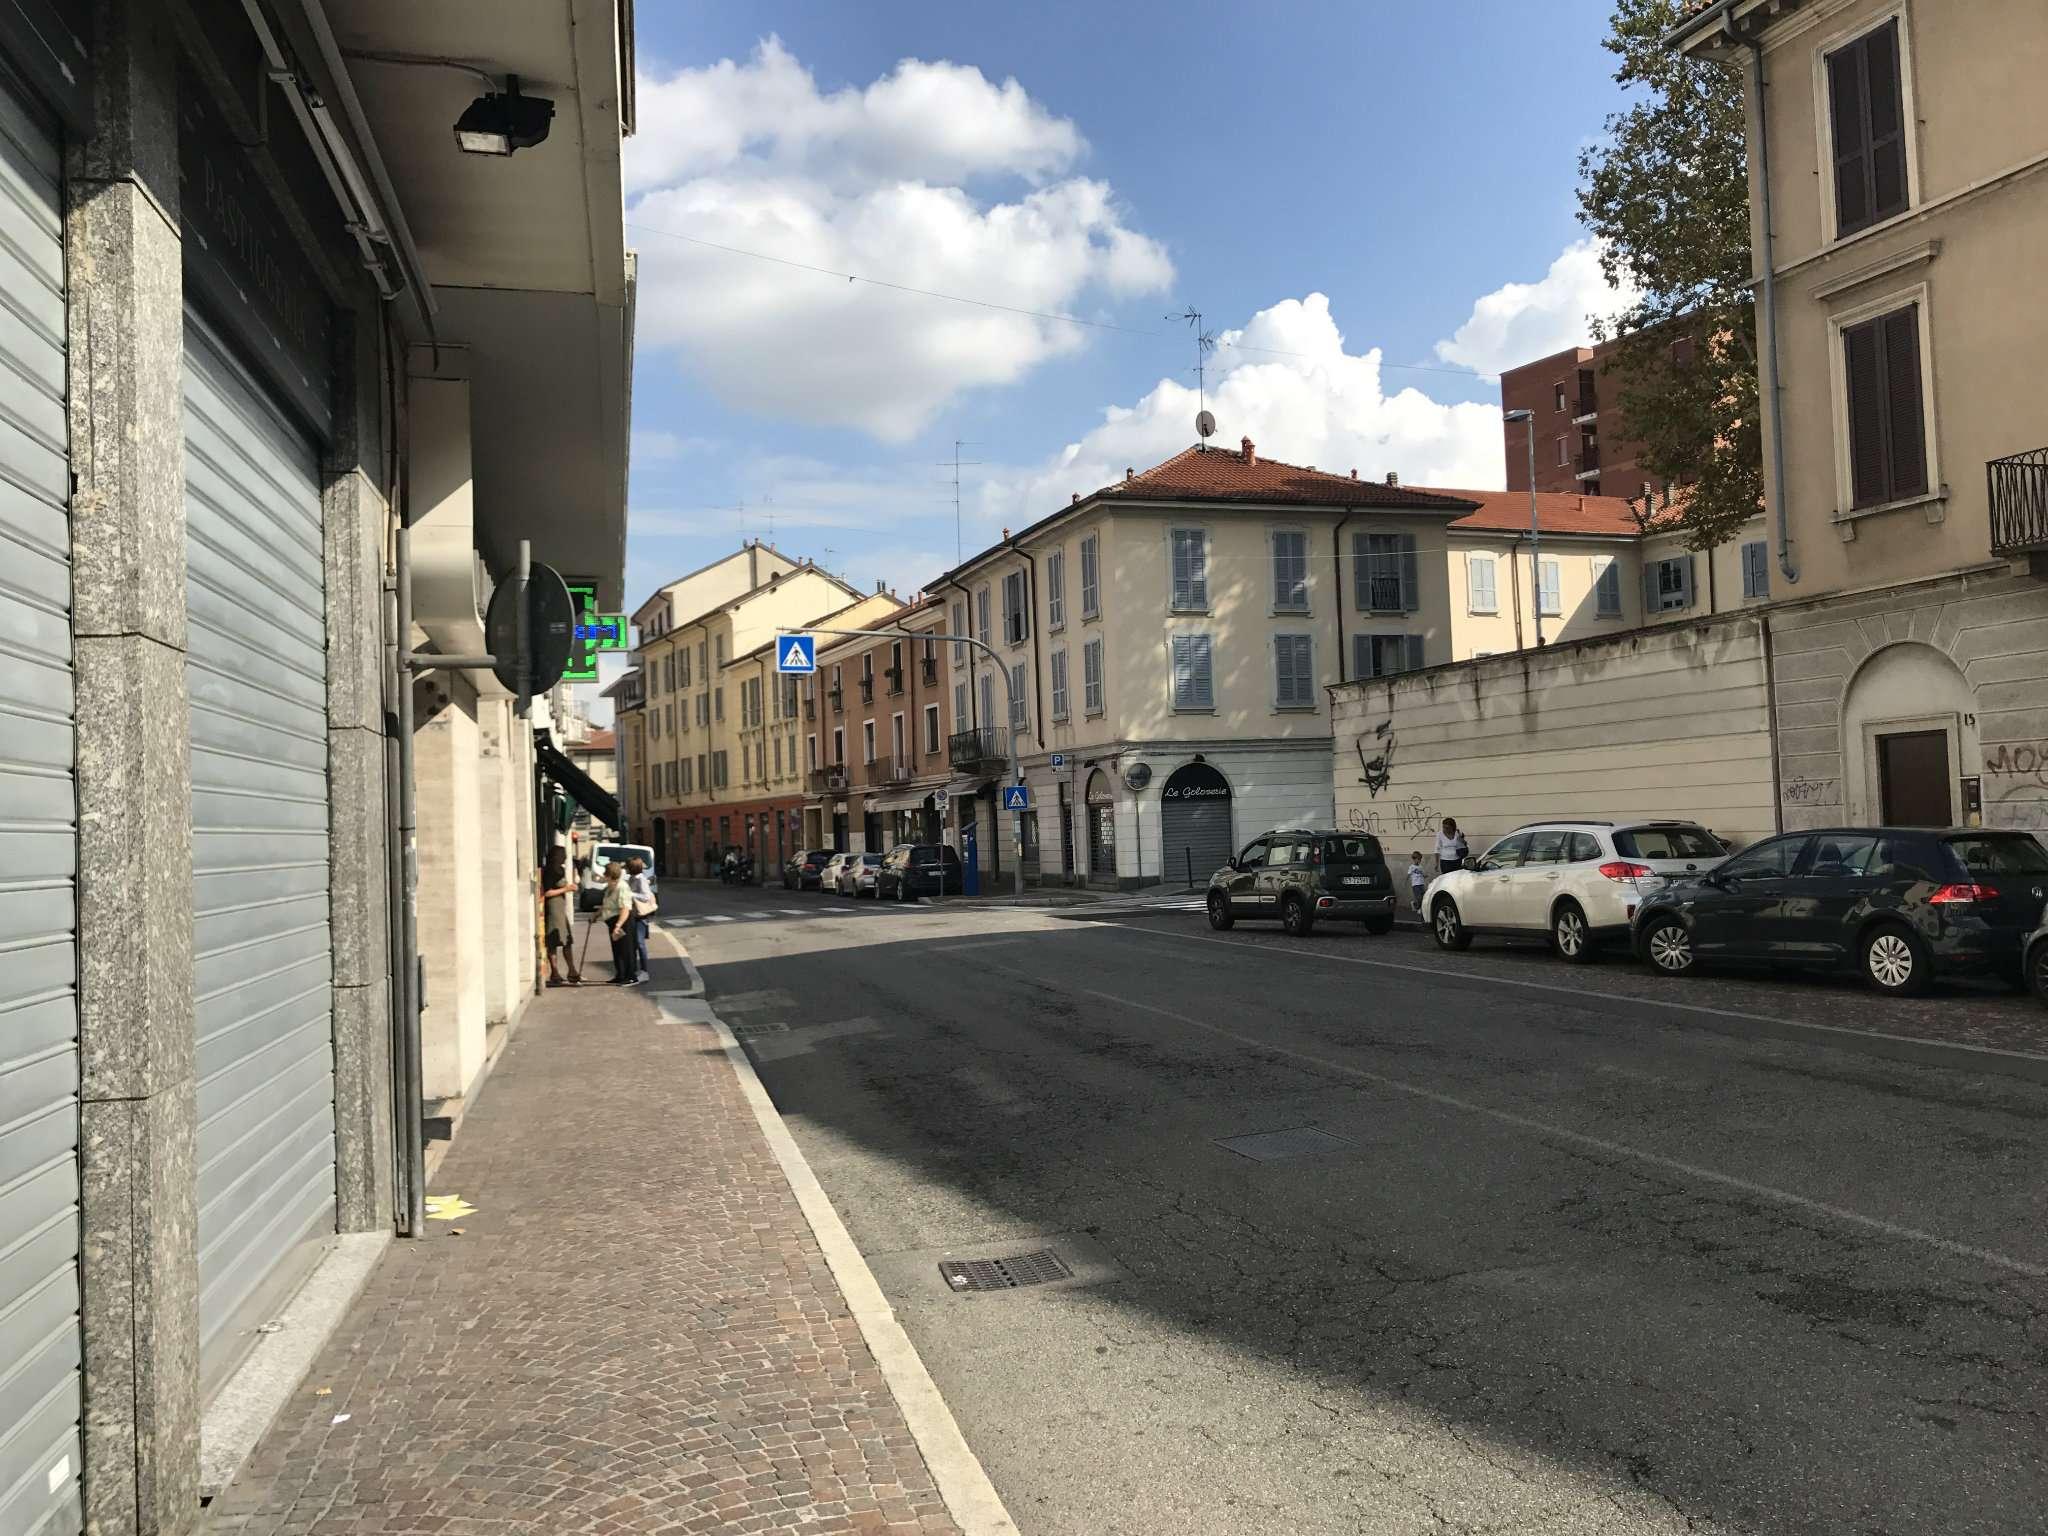 Negozio / Locale in affitto a Monza, 1 locali, zona Zona: 7 . San Biagio, Cazzaniga, prezzo € 950 | CambioCasa.it